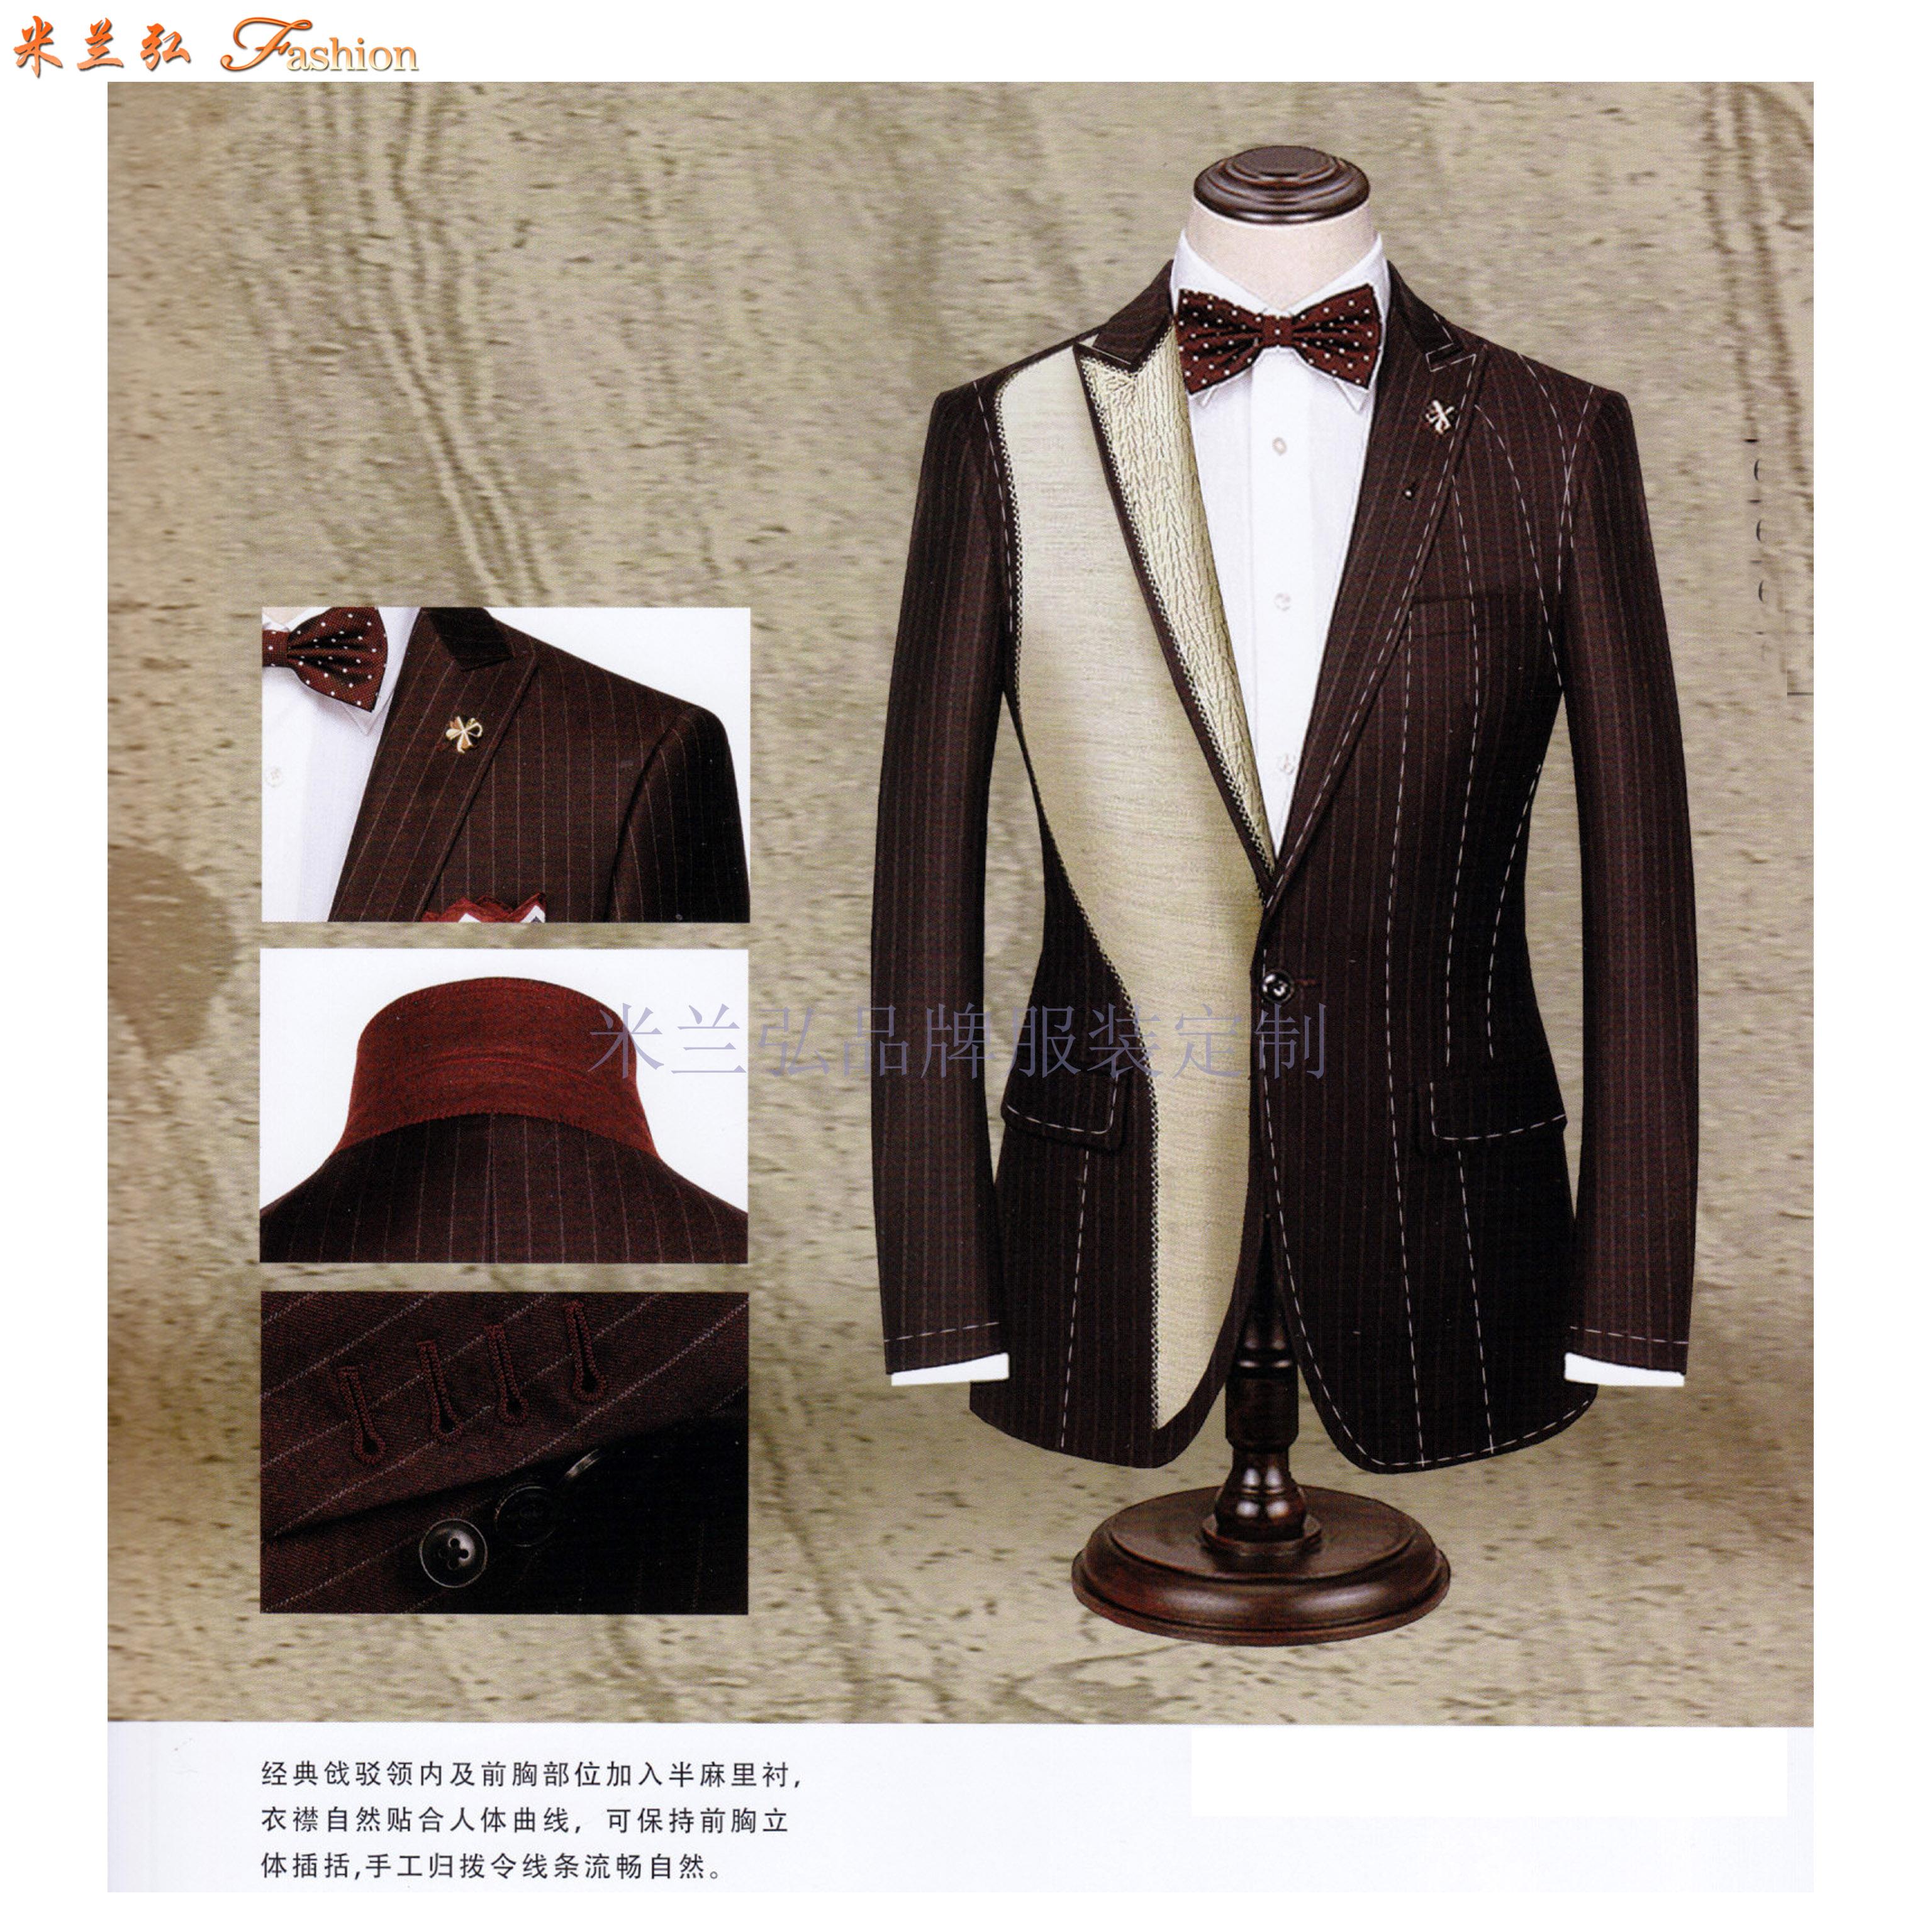 「北京羊毛西服定制」「北京羊毛西服订制」推荐西装笔挺米兰弘服装-1